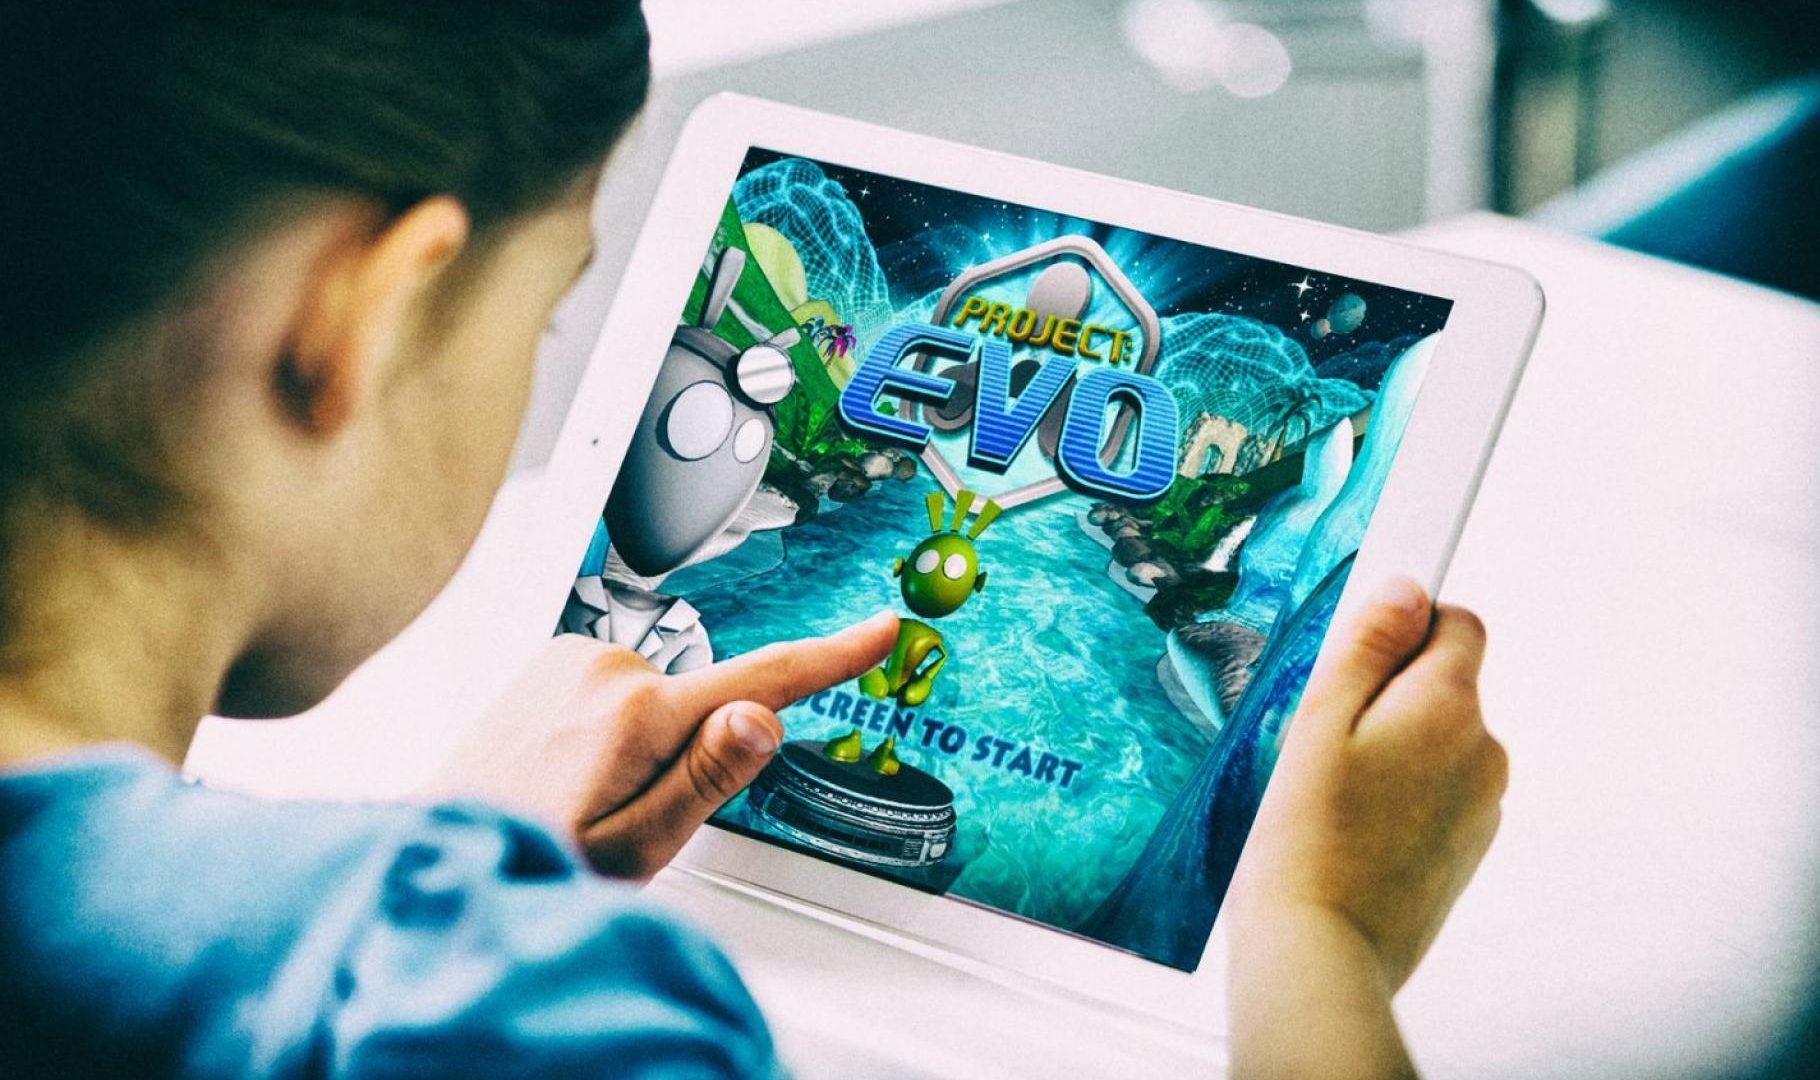 Adhd, un videogioco come terapia. Le sfide alla console aumentano la concentrazione